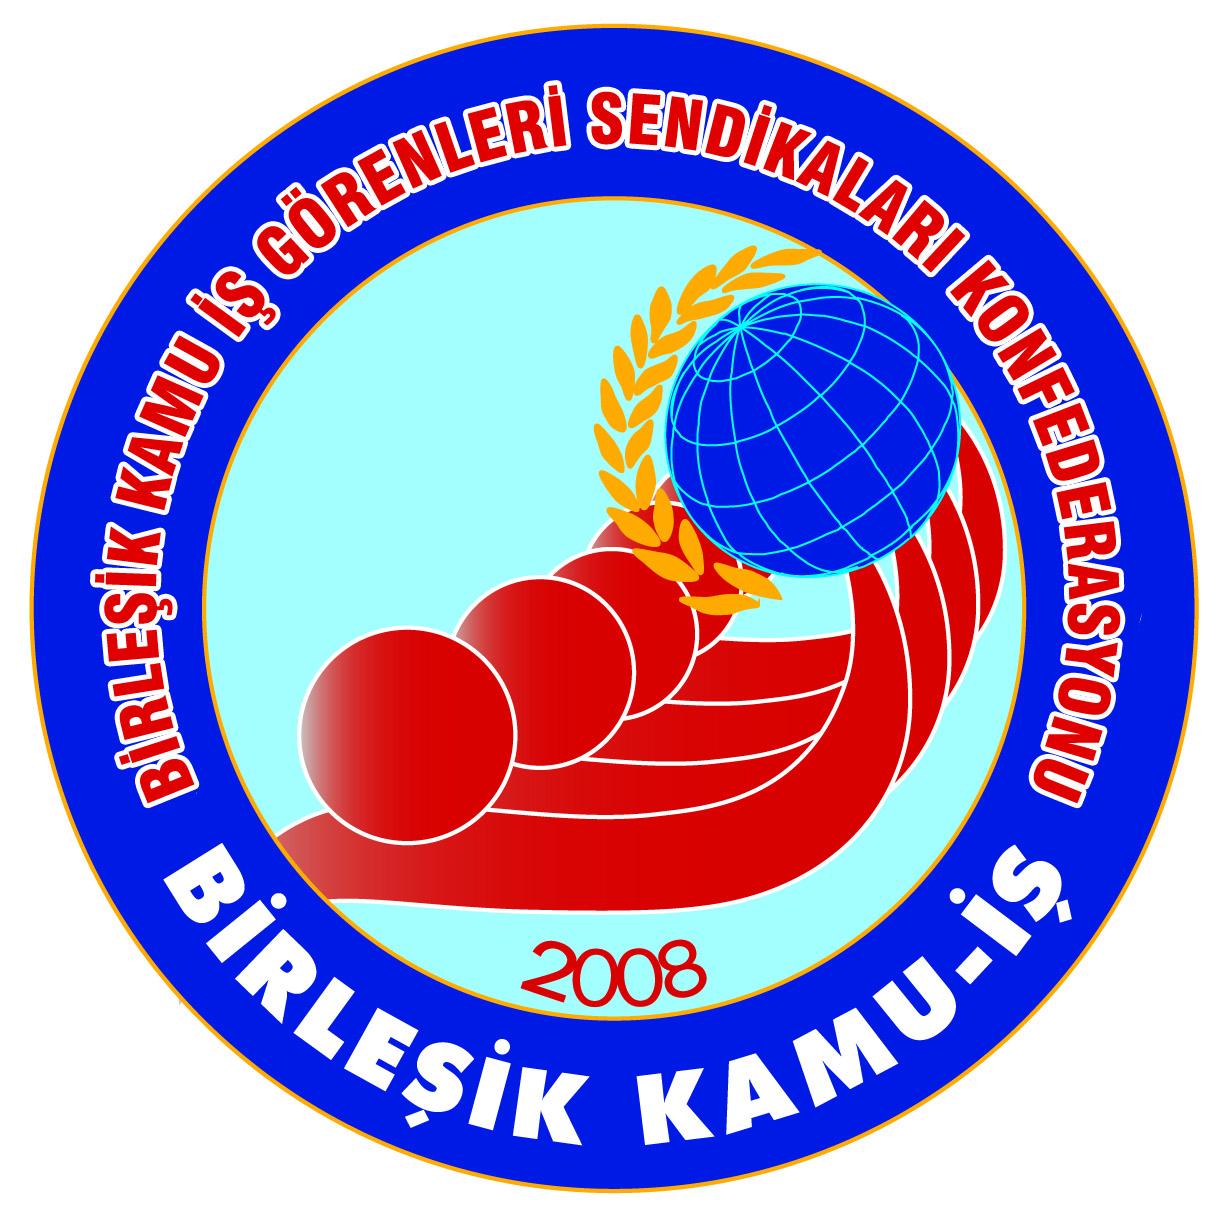 birleşik kamu iş logo